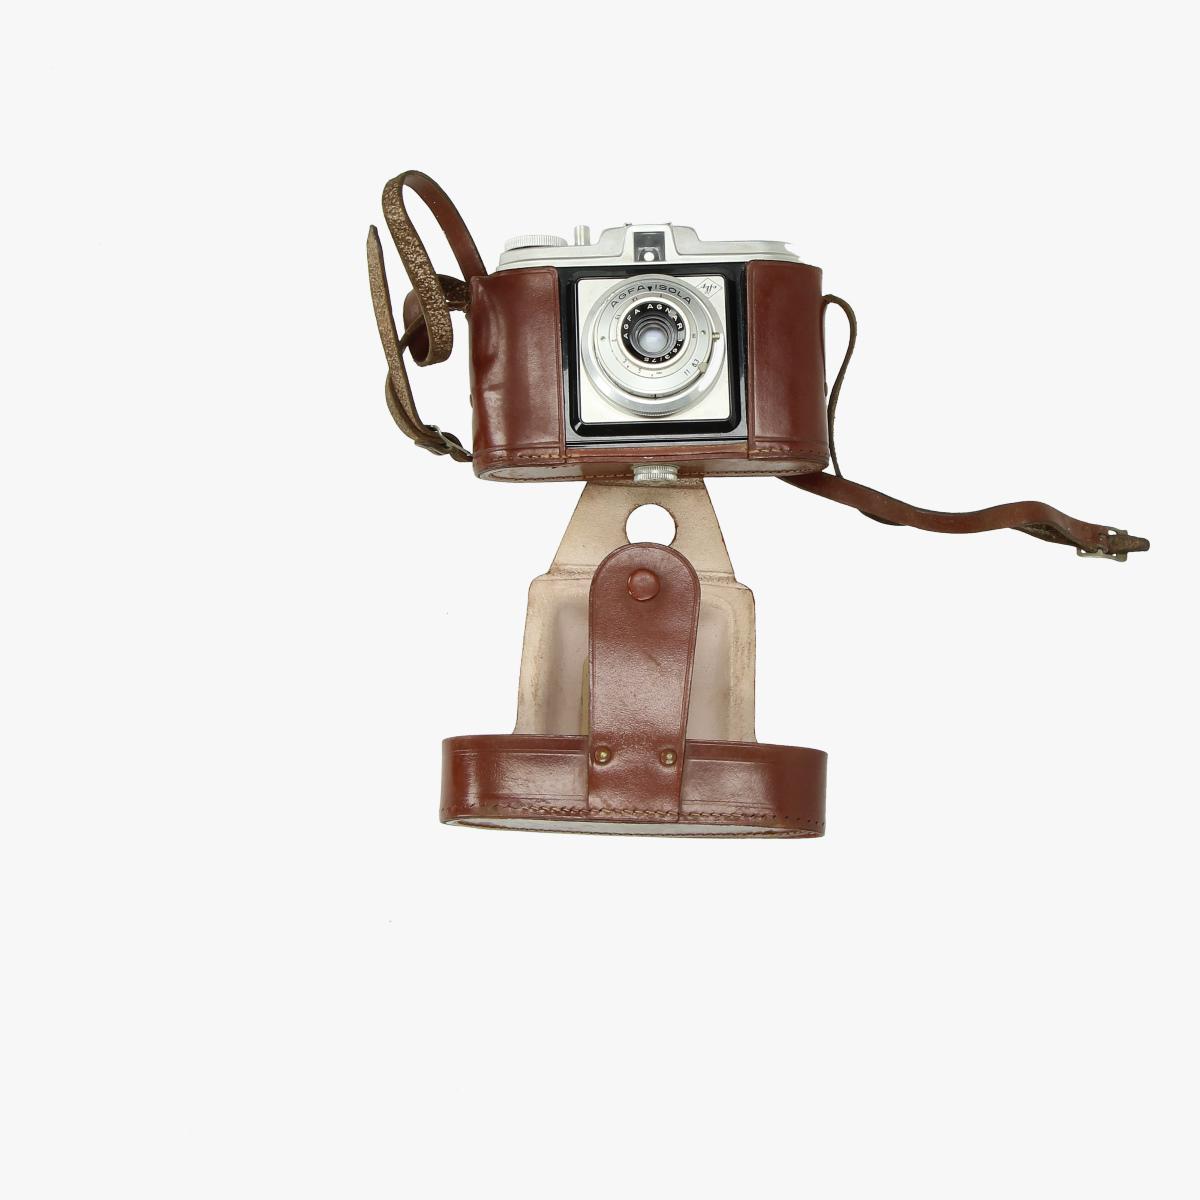 Afbeeldingen van fotocamera agfa isola